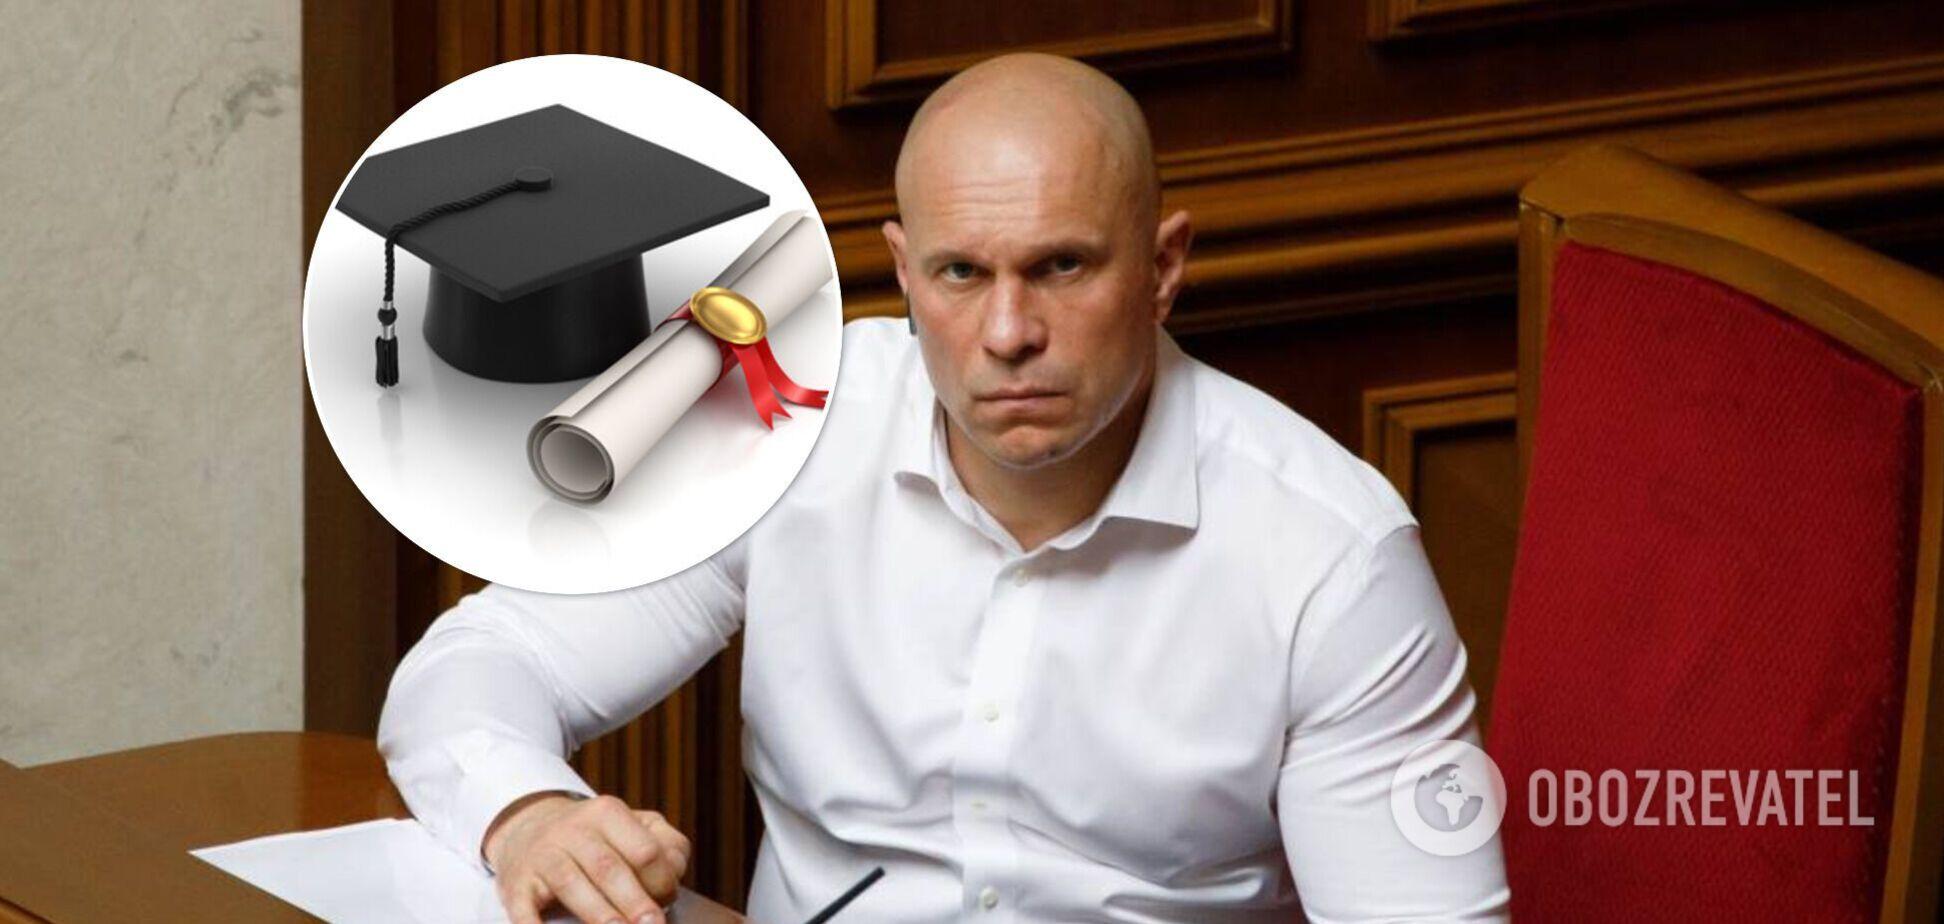 Киве дали кандидата наук: на вопросы по диссертации он ответить не смог. Видео